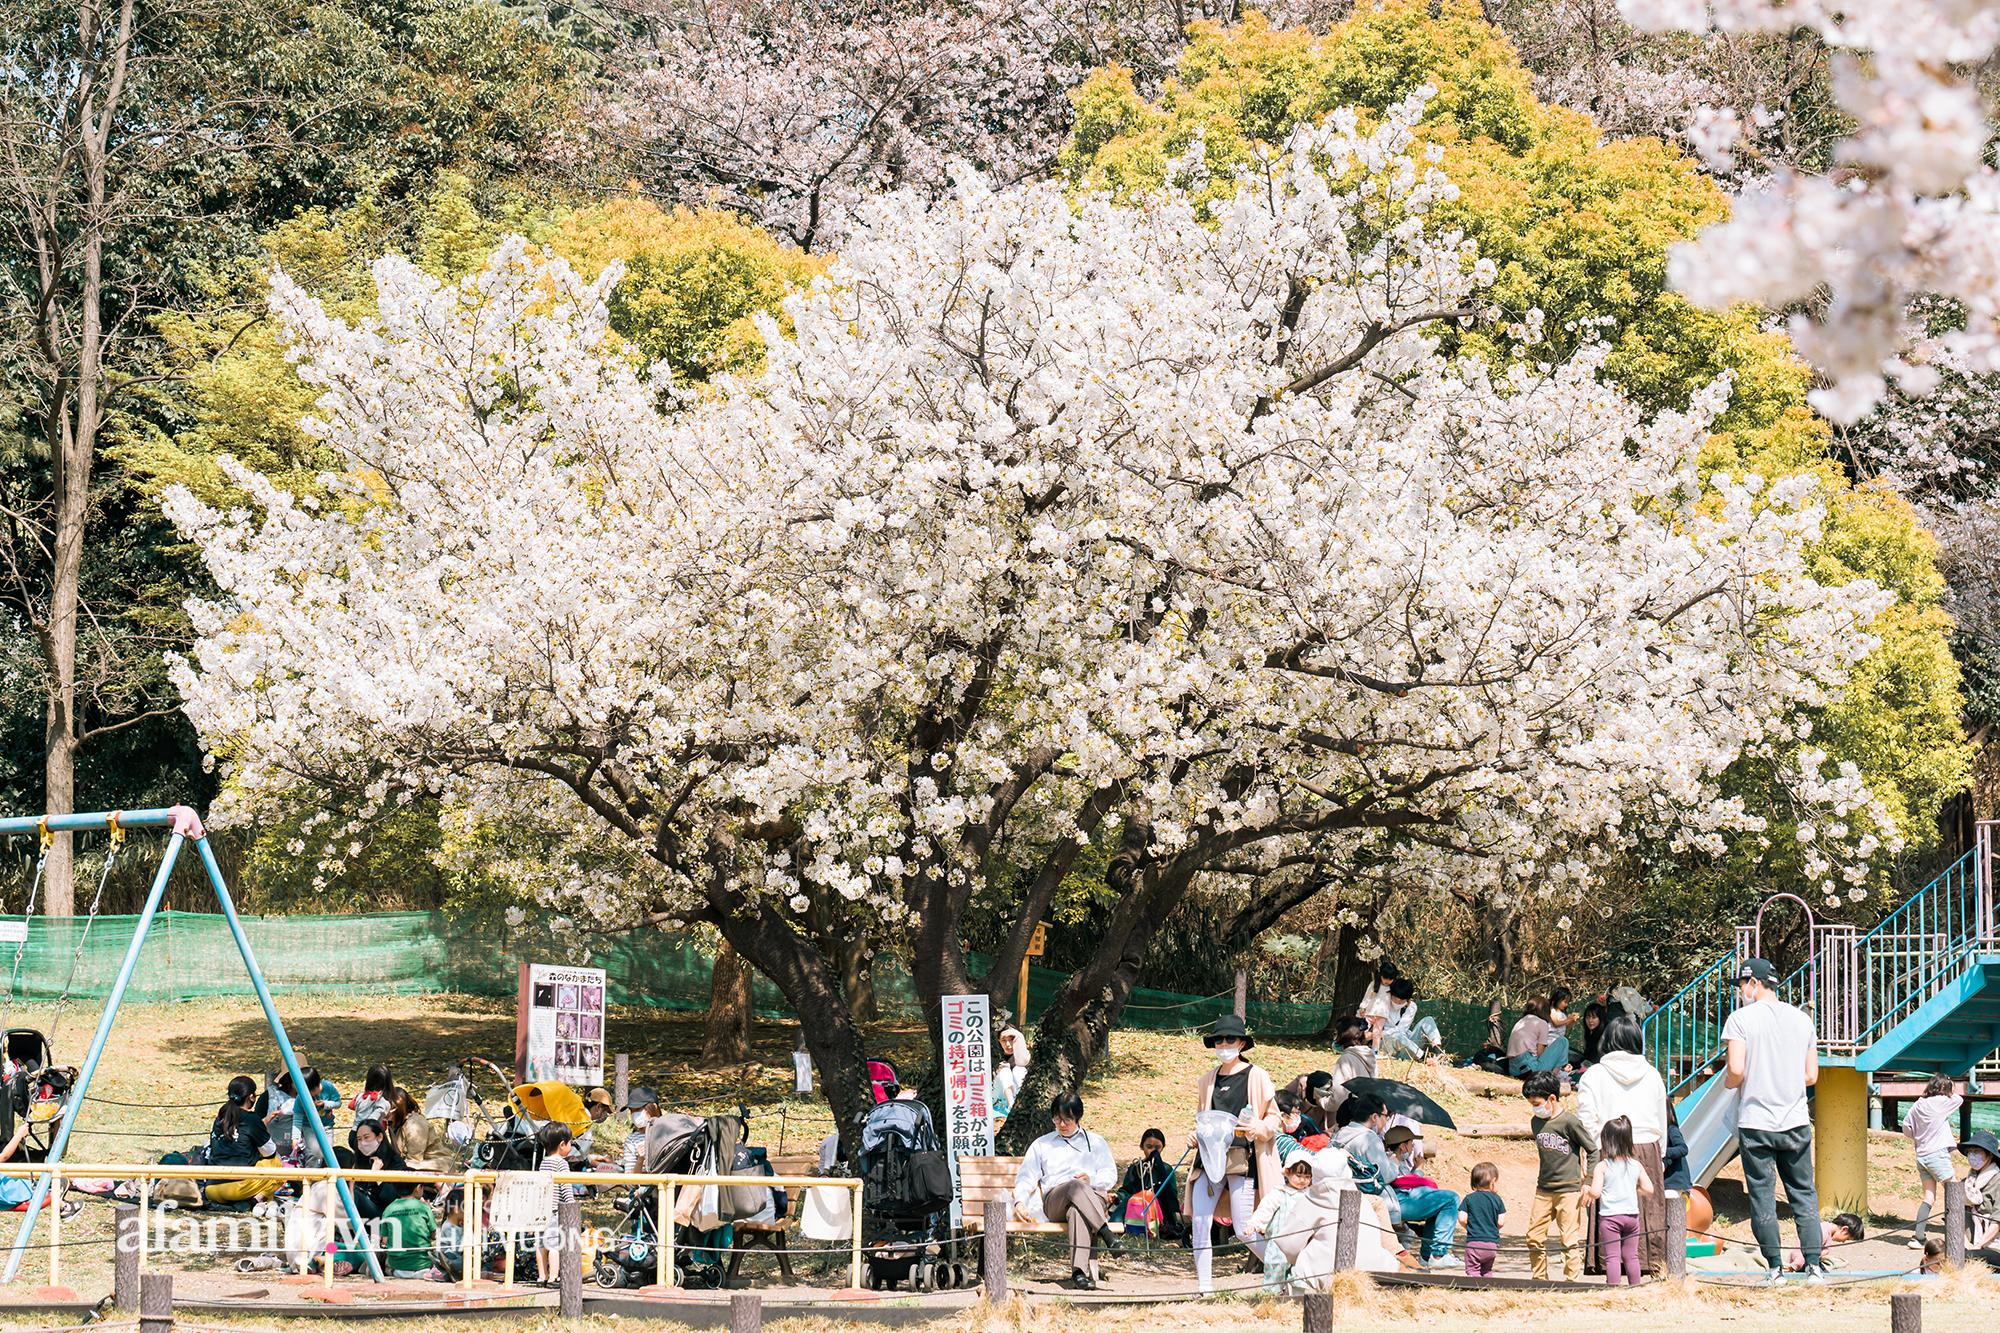 Siêu ngây ngất cảnh toàn thủ đô Tokyo bao trùm dưới hàng trăm nghìn cây hoa anh đào bởi hiện tượng nở sớm nhất trong 1.200 năm qua ống kính của anh chàng người Việt - Ảnh 1.